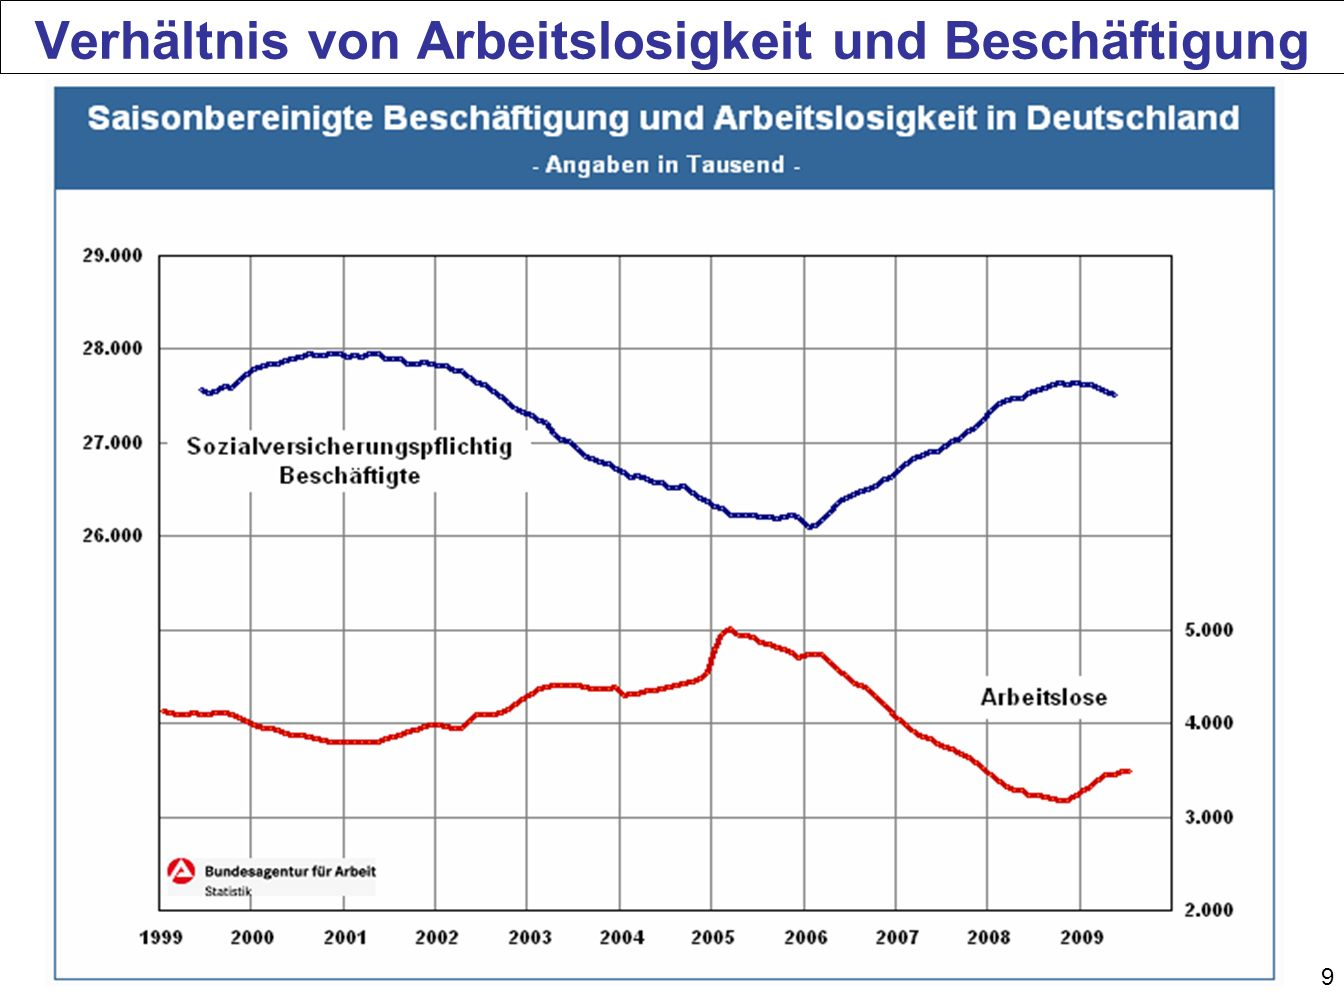 Verhältnis von Arbeitslosigkeit und Beschäftigung